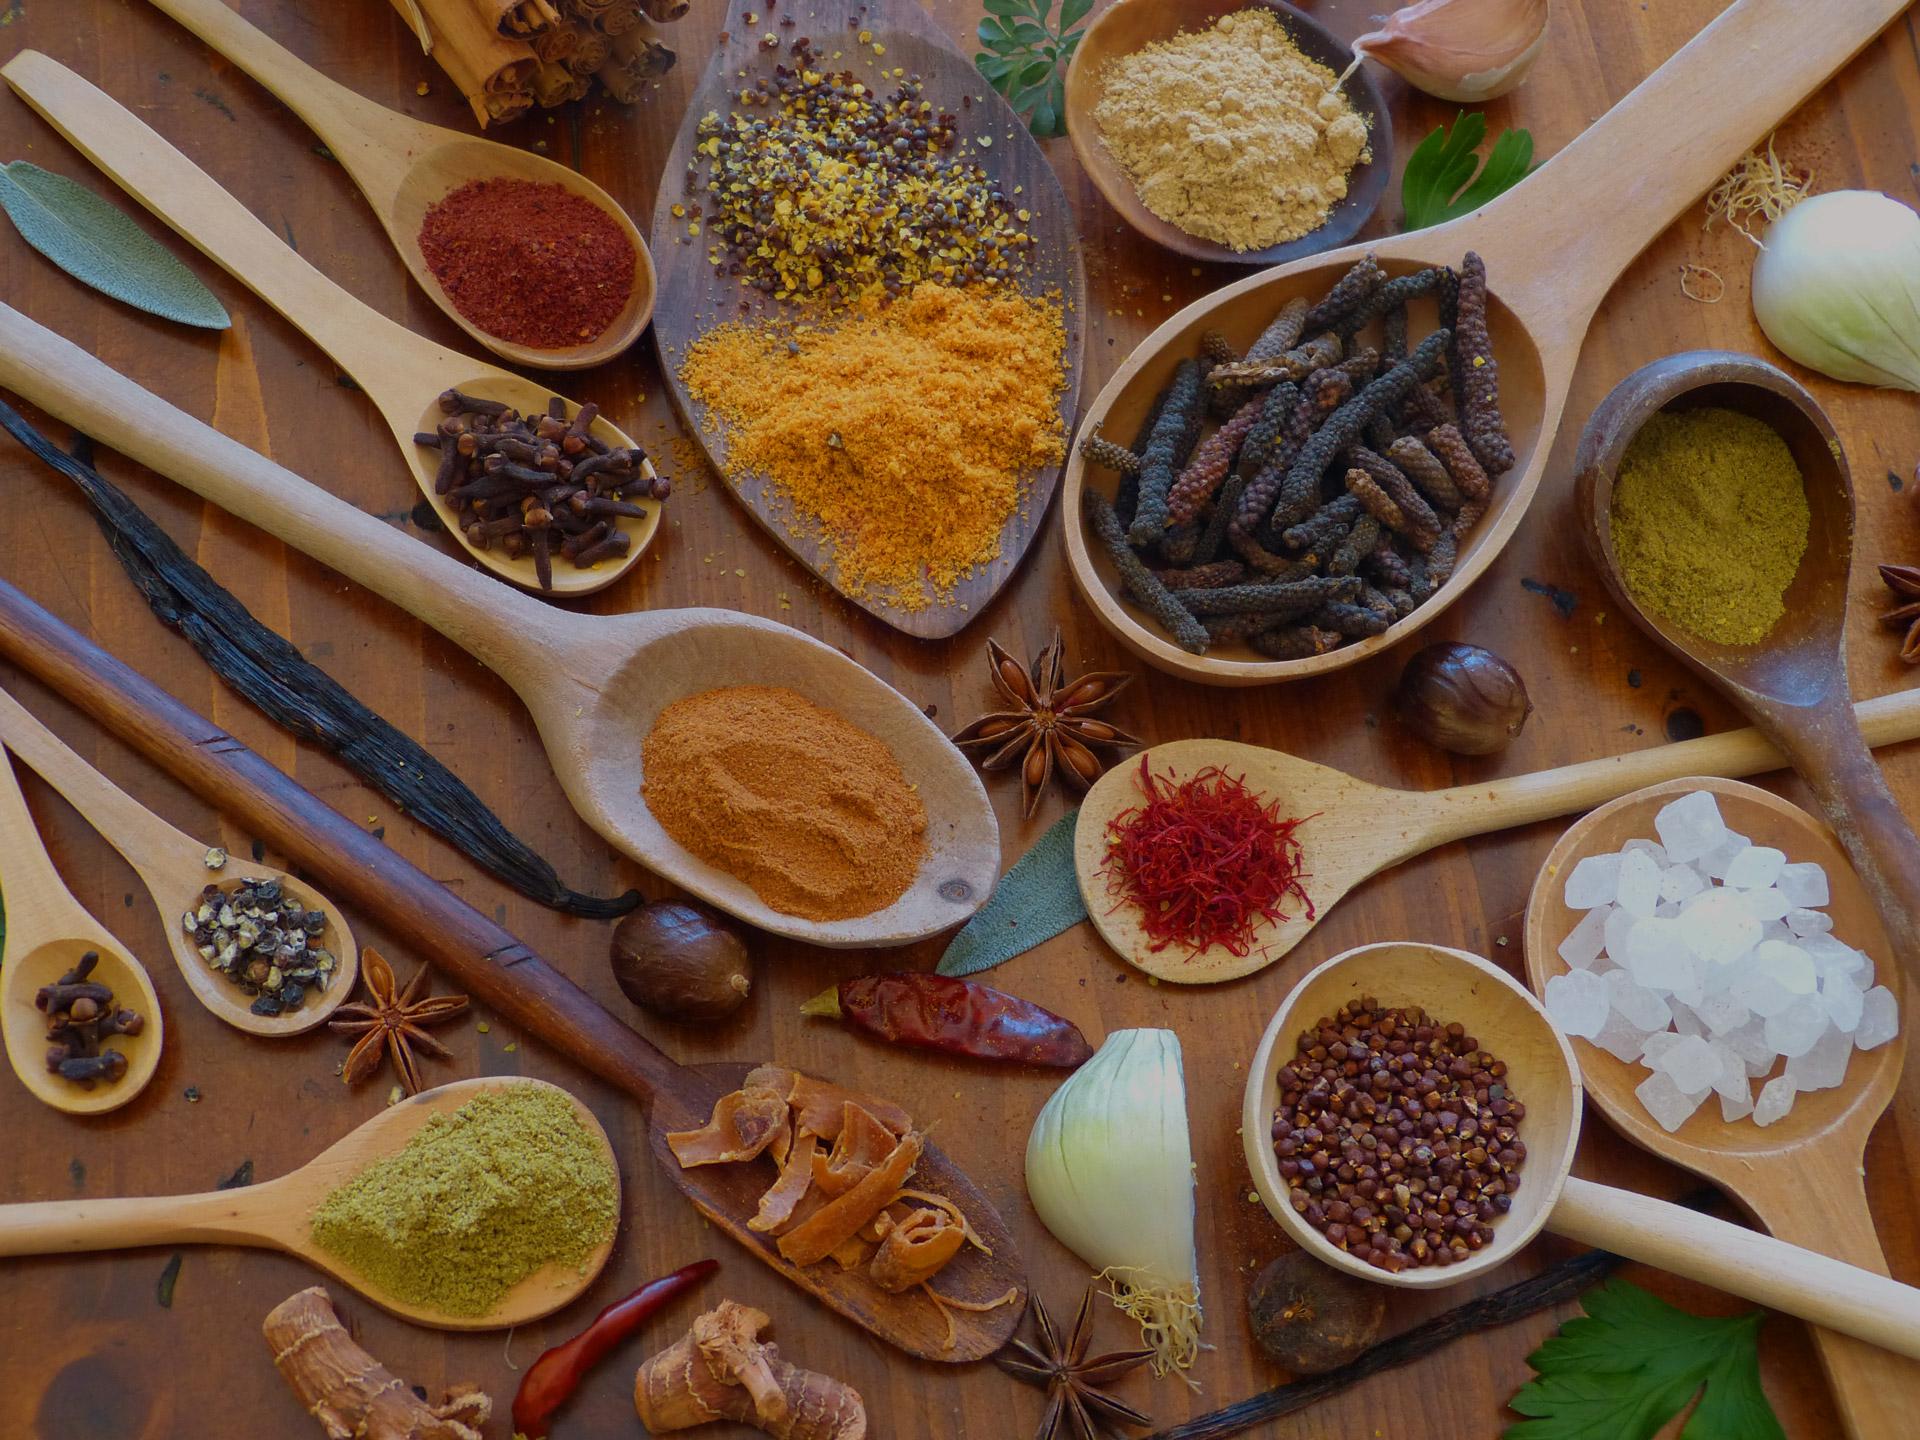 Cuilleres-bois-epices-multicolores-les-causeries-culinaires-recettes-ancetres-boutique-cours-cuisine-histoire